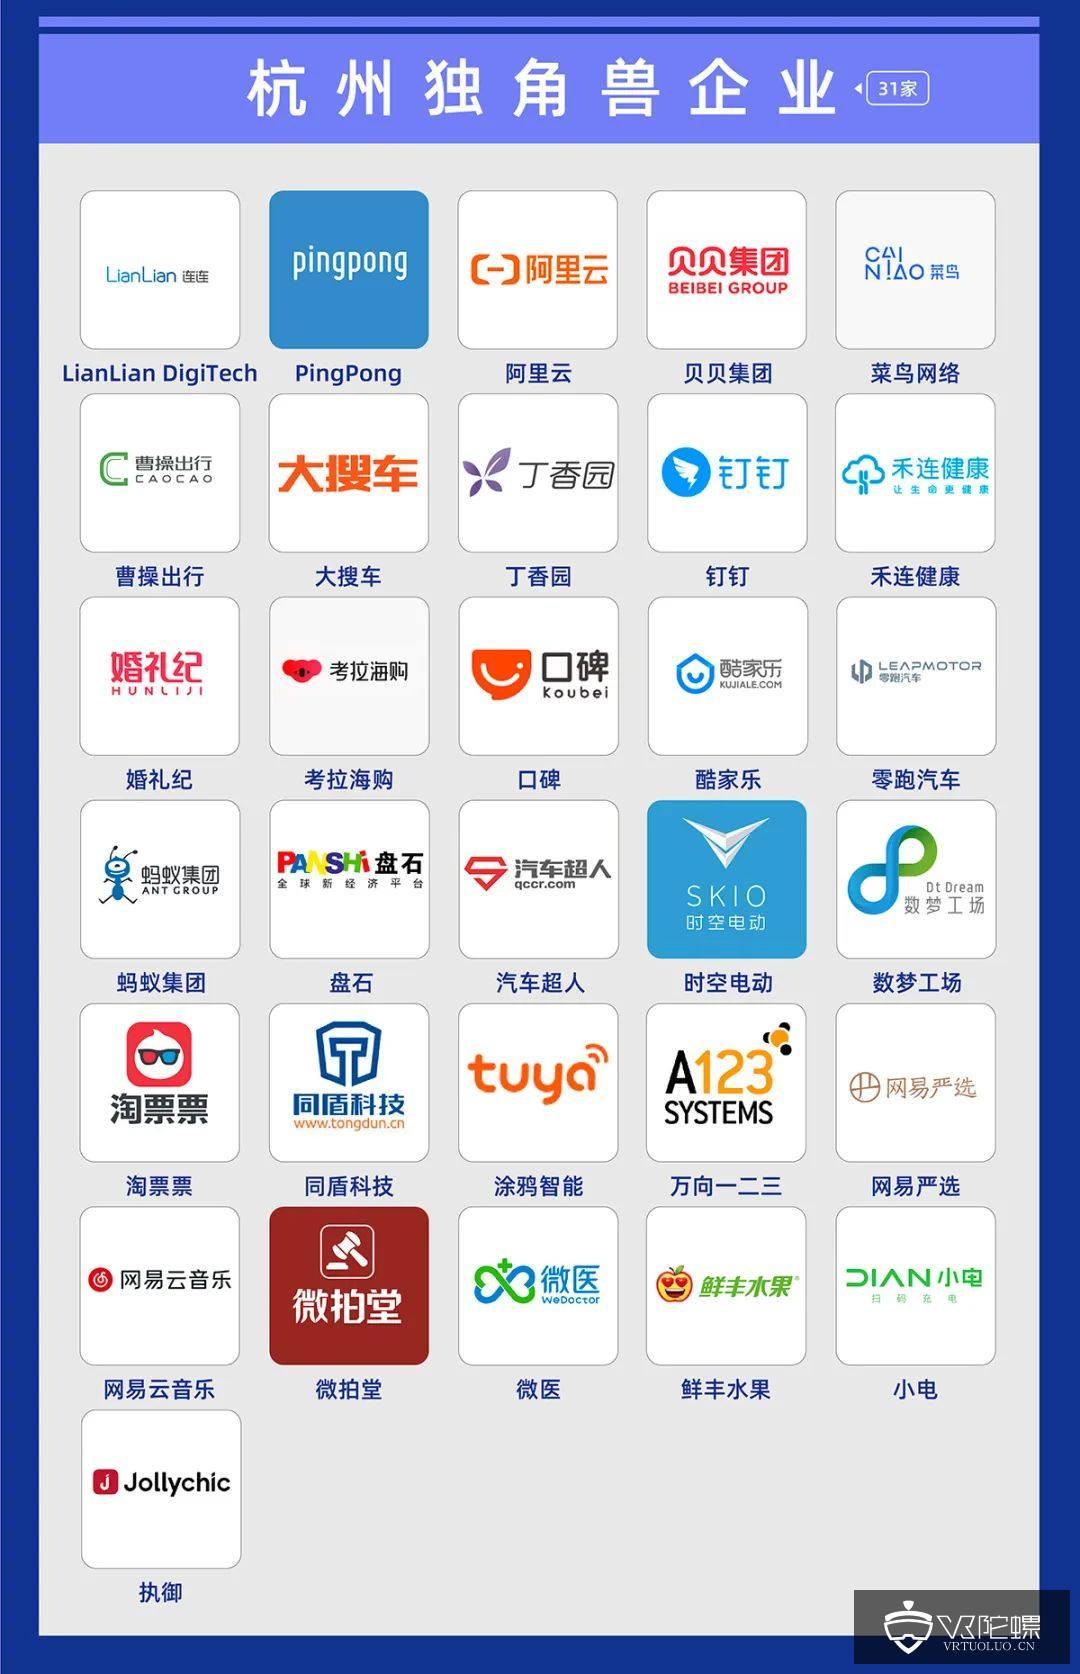 易现EZXR入选准独角兽企业榜单,发布首款洞见AR-World开放平台